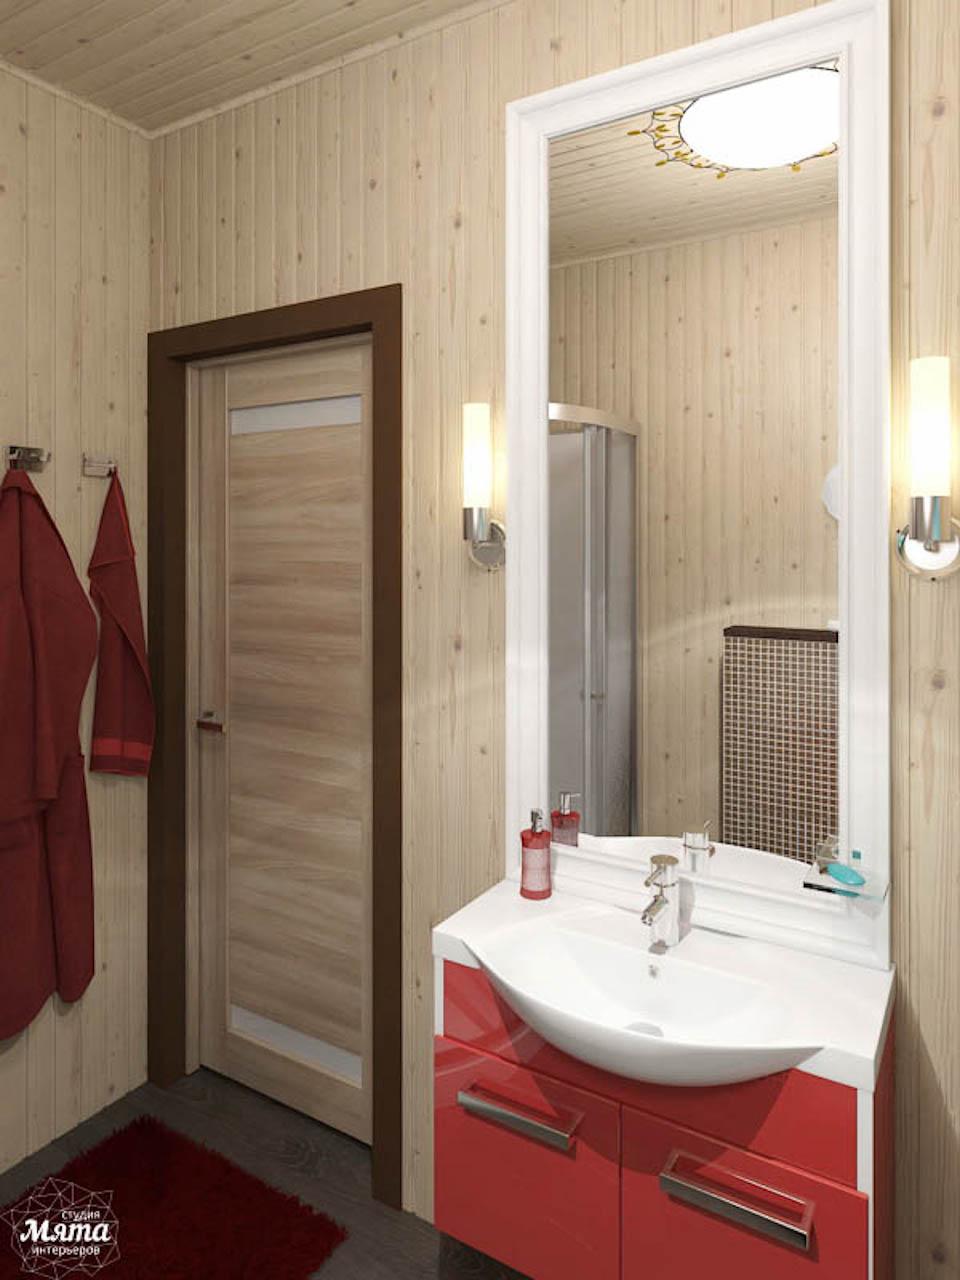 Дизайн интерьера коттеджа в п. В. Сысерть  img754203382